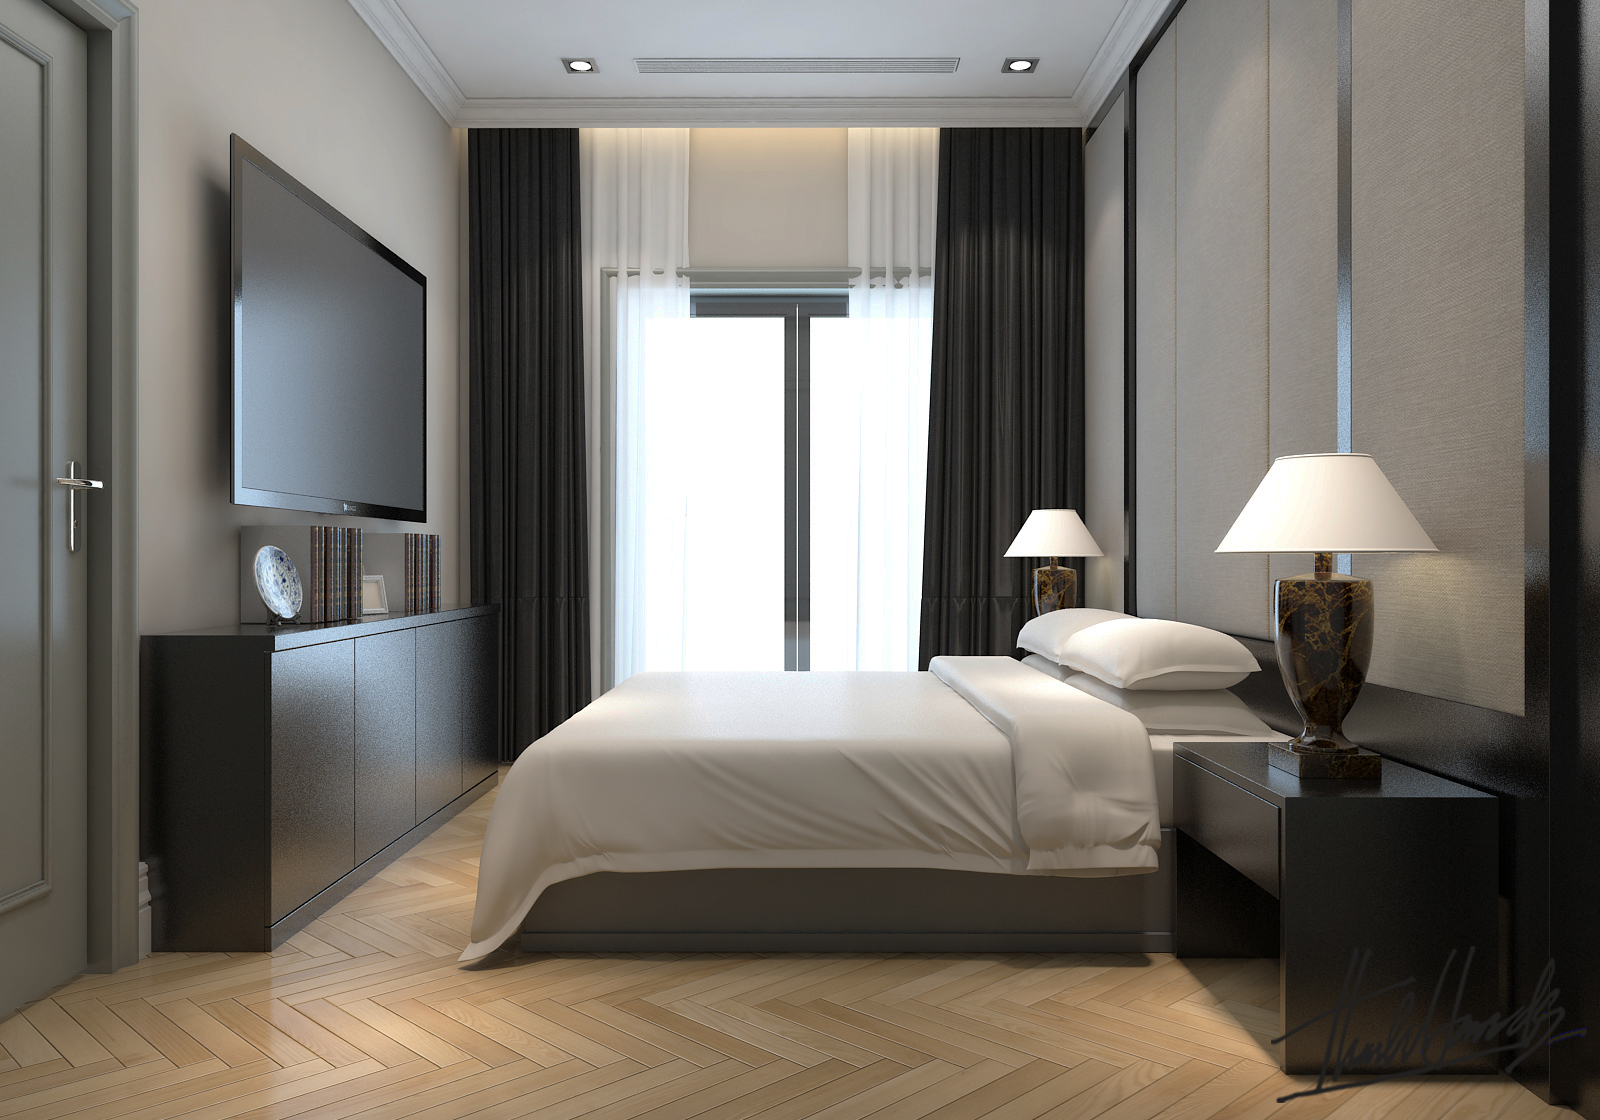 thiết kế nội thất Biệt Thự tại Hà Nội bt Vinhomes - riverside 25 1568274534